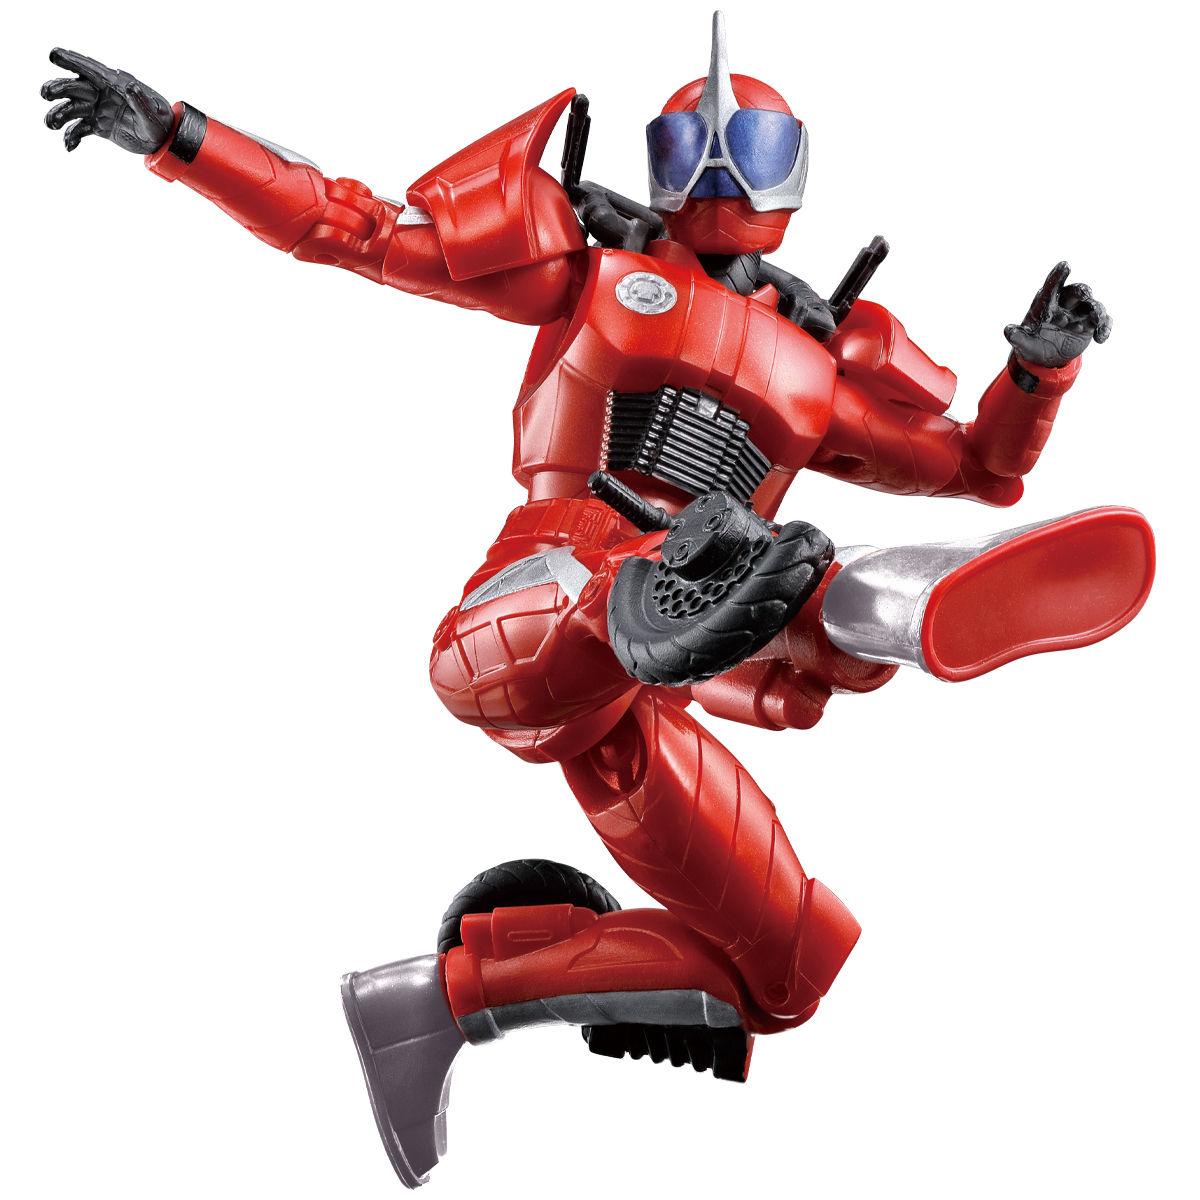 RKFレジェンドライダーシリーズ『仮面ライダーアクセル』可動フィギュア-003